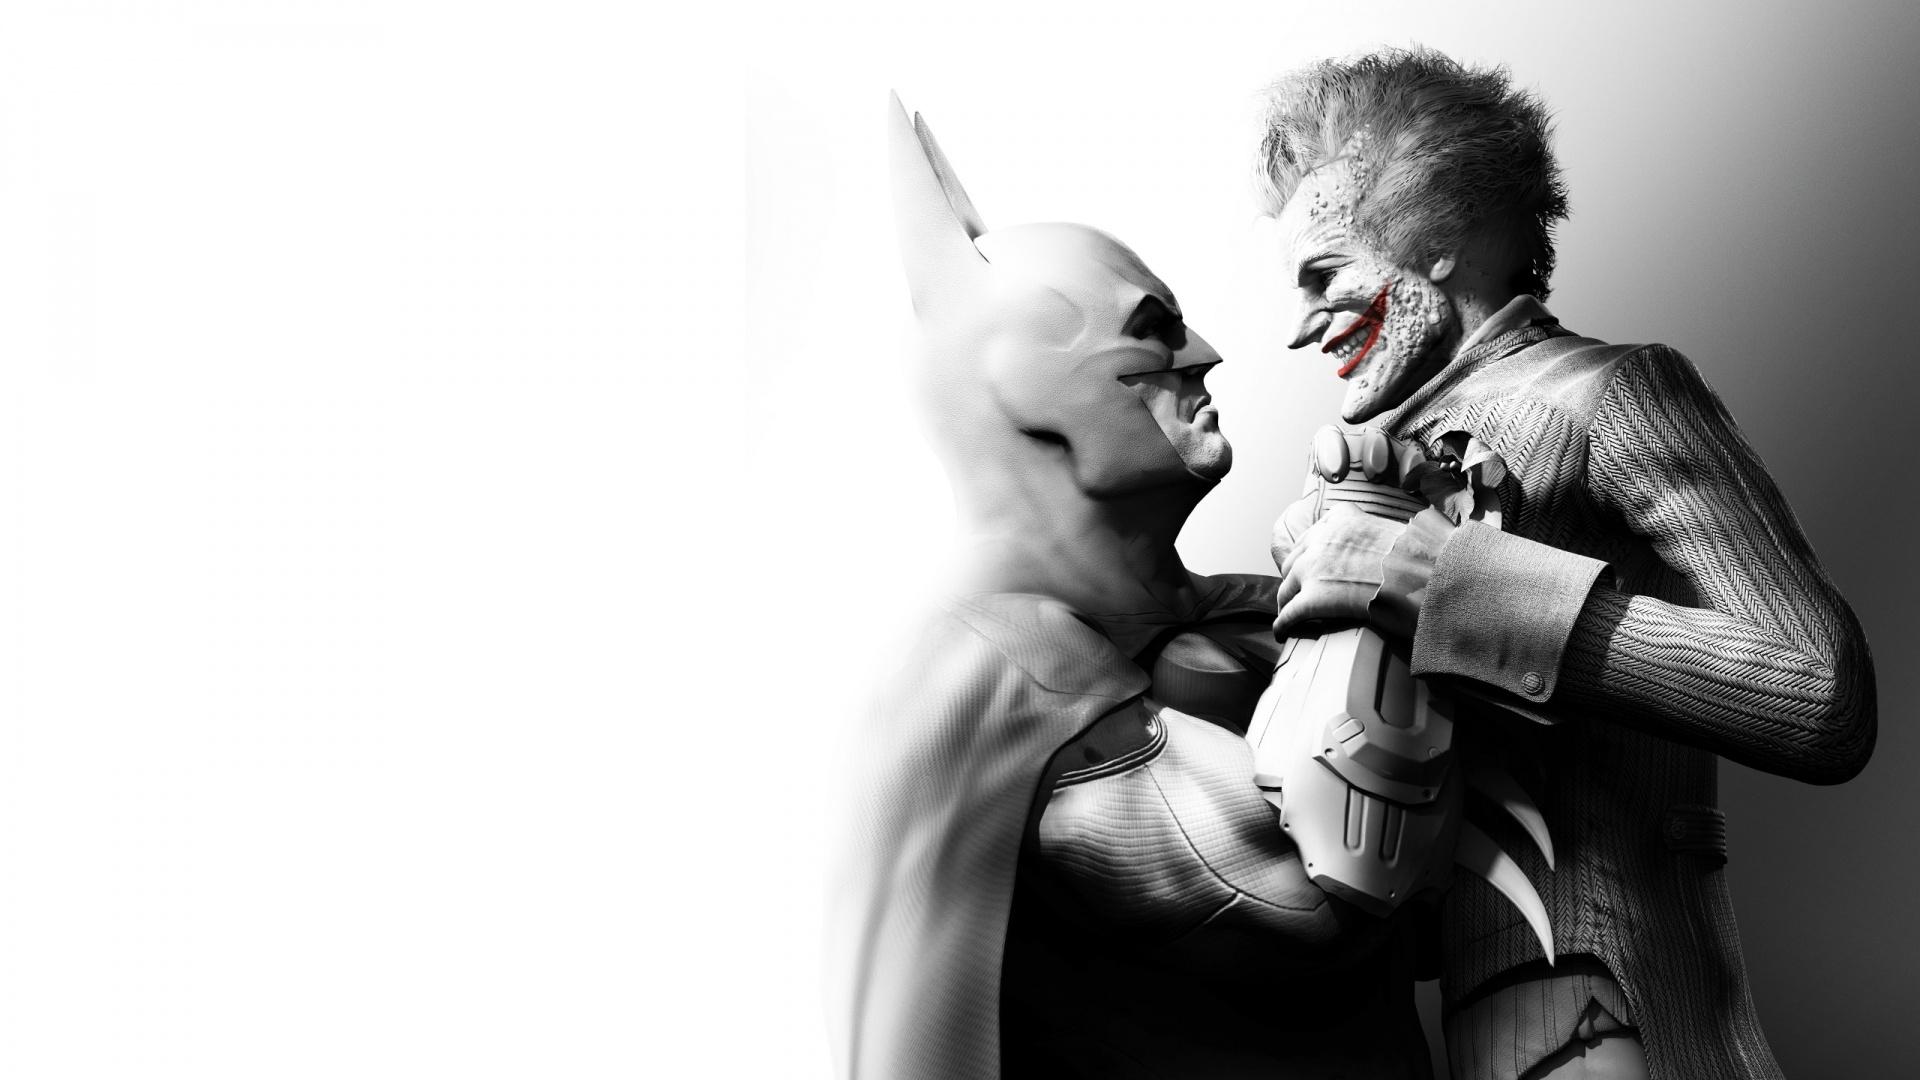 Batman and Joker Wallpaper   Windows Mode 1920x1080